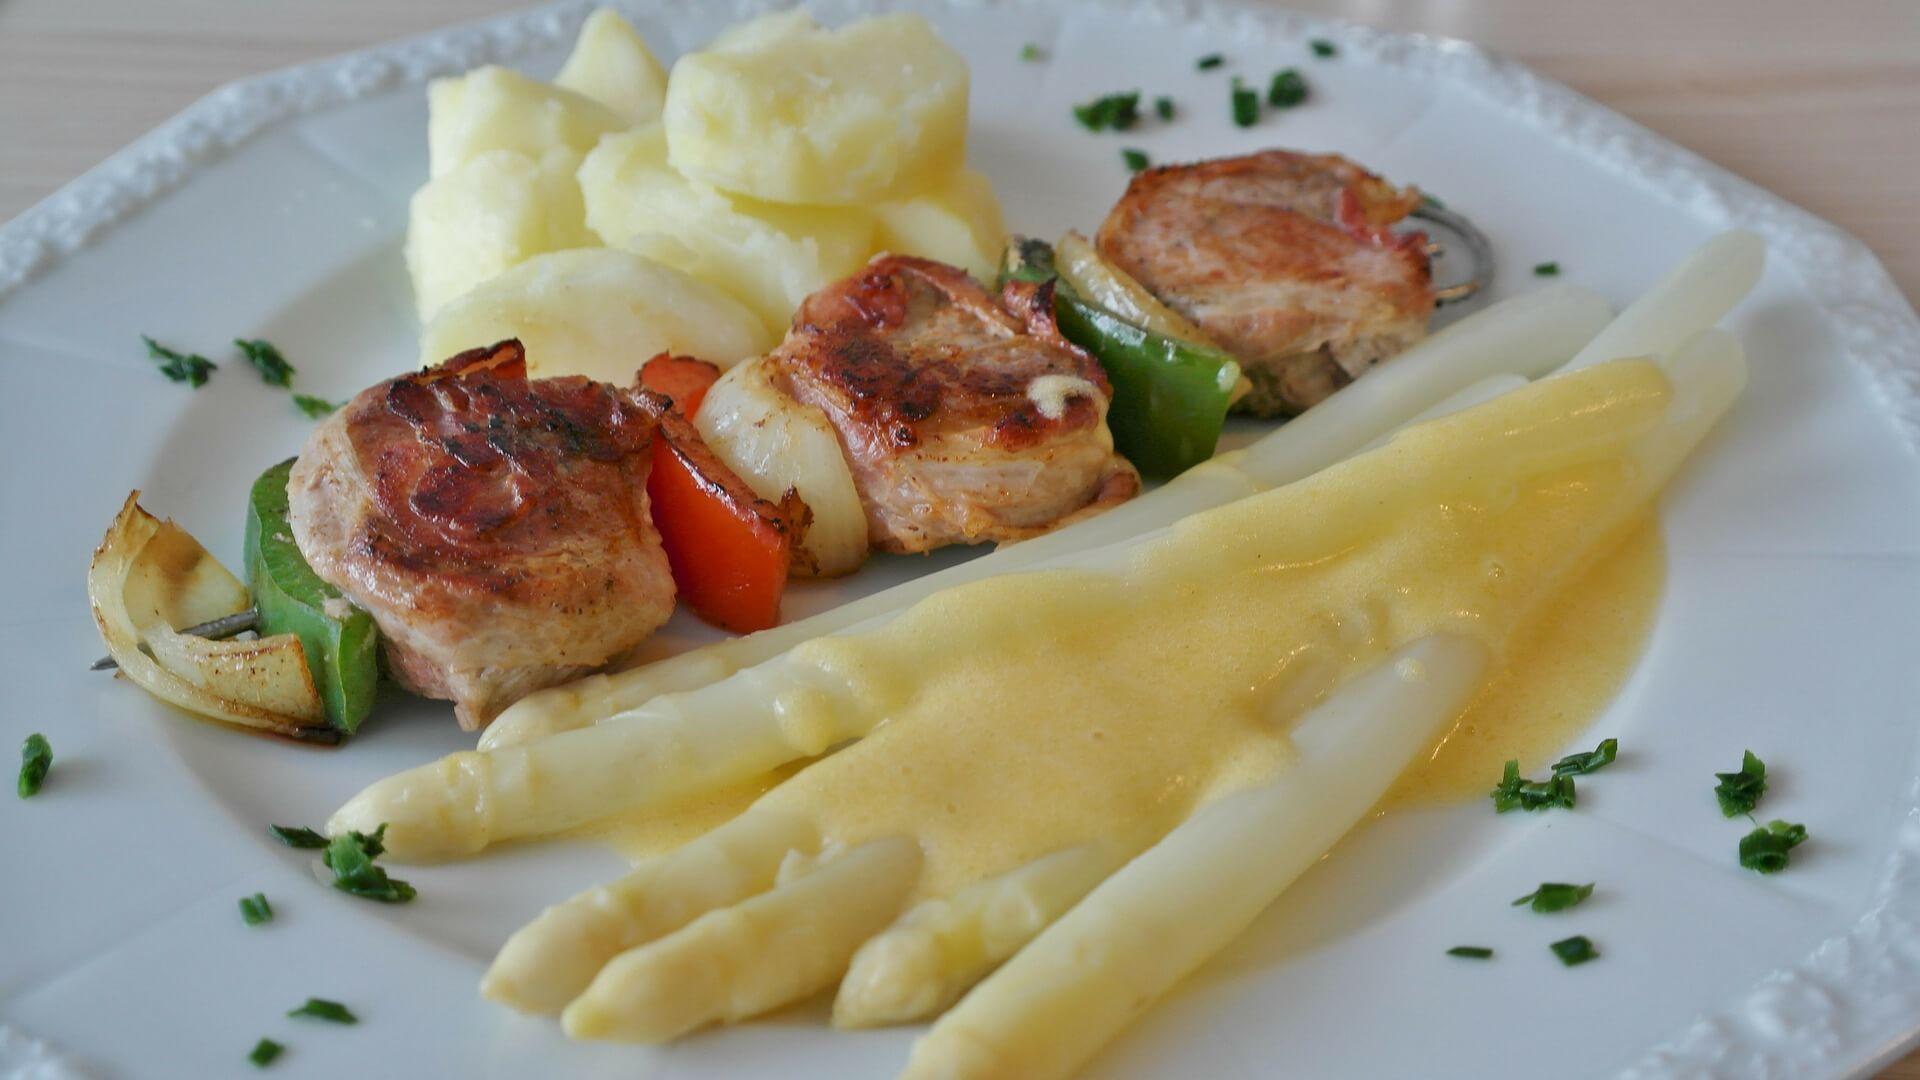 meat-skewer-329222_1920